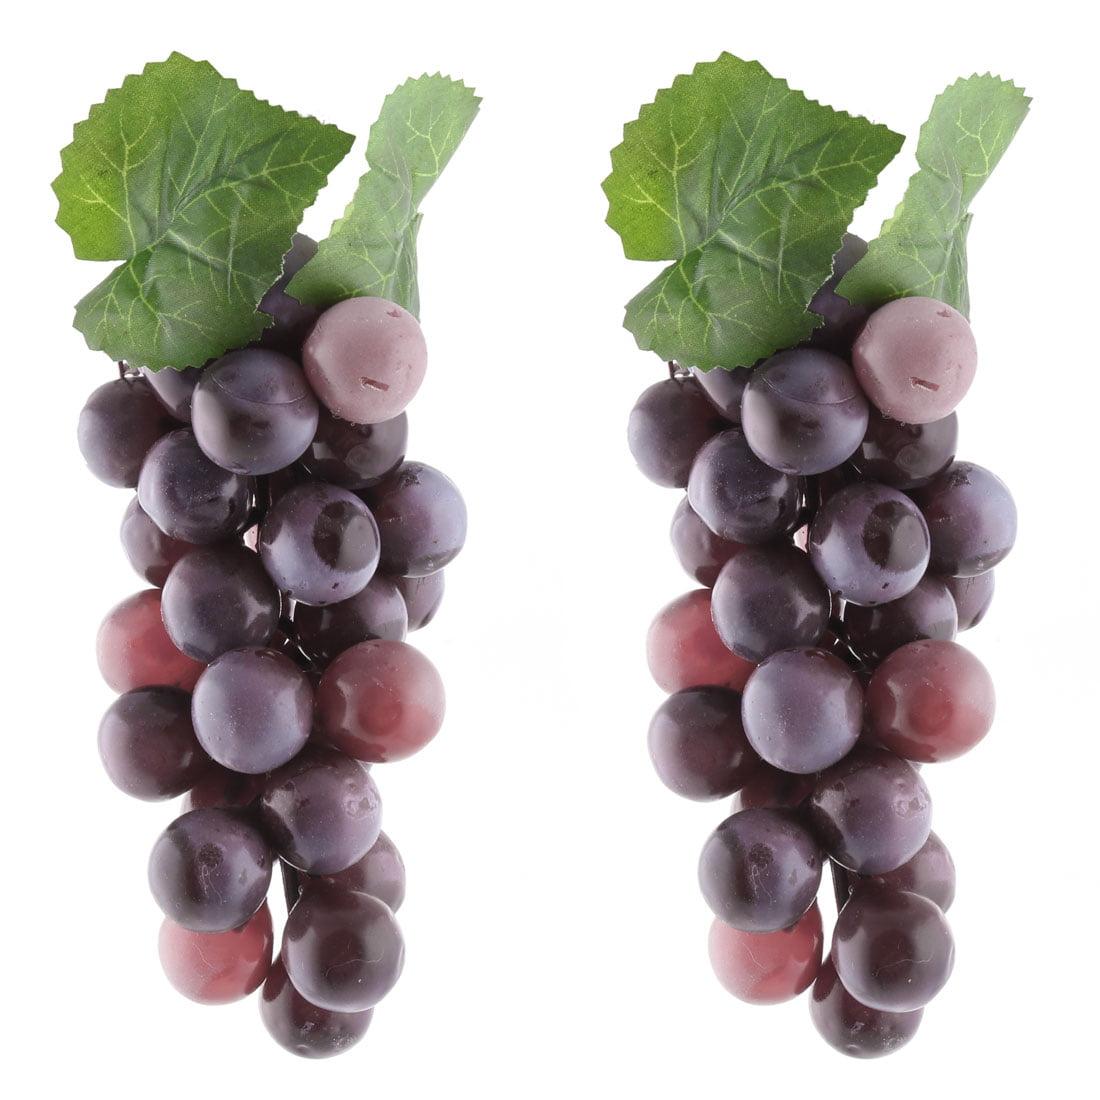 Plastic Desk Table Decoration Simulation Artificial Fruit Grape Purple 2 Pcs